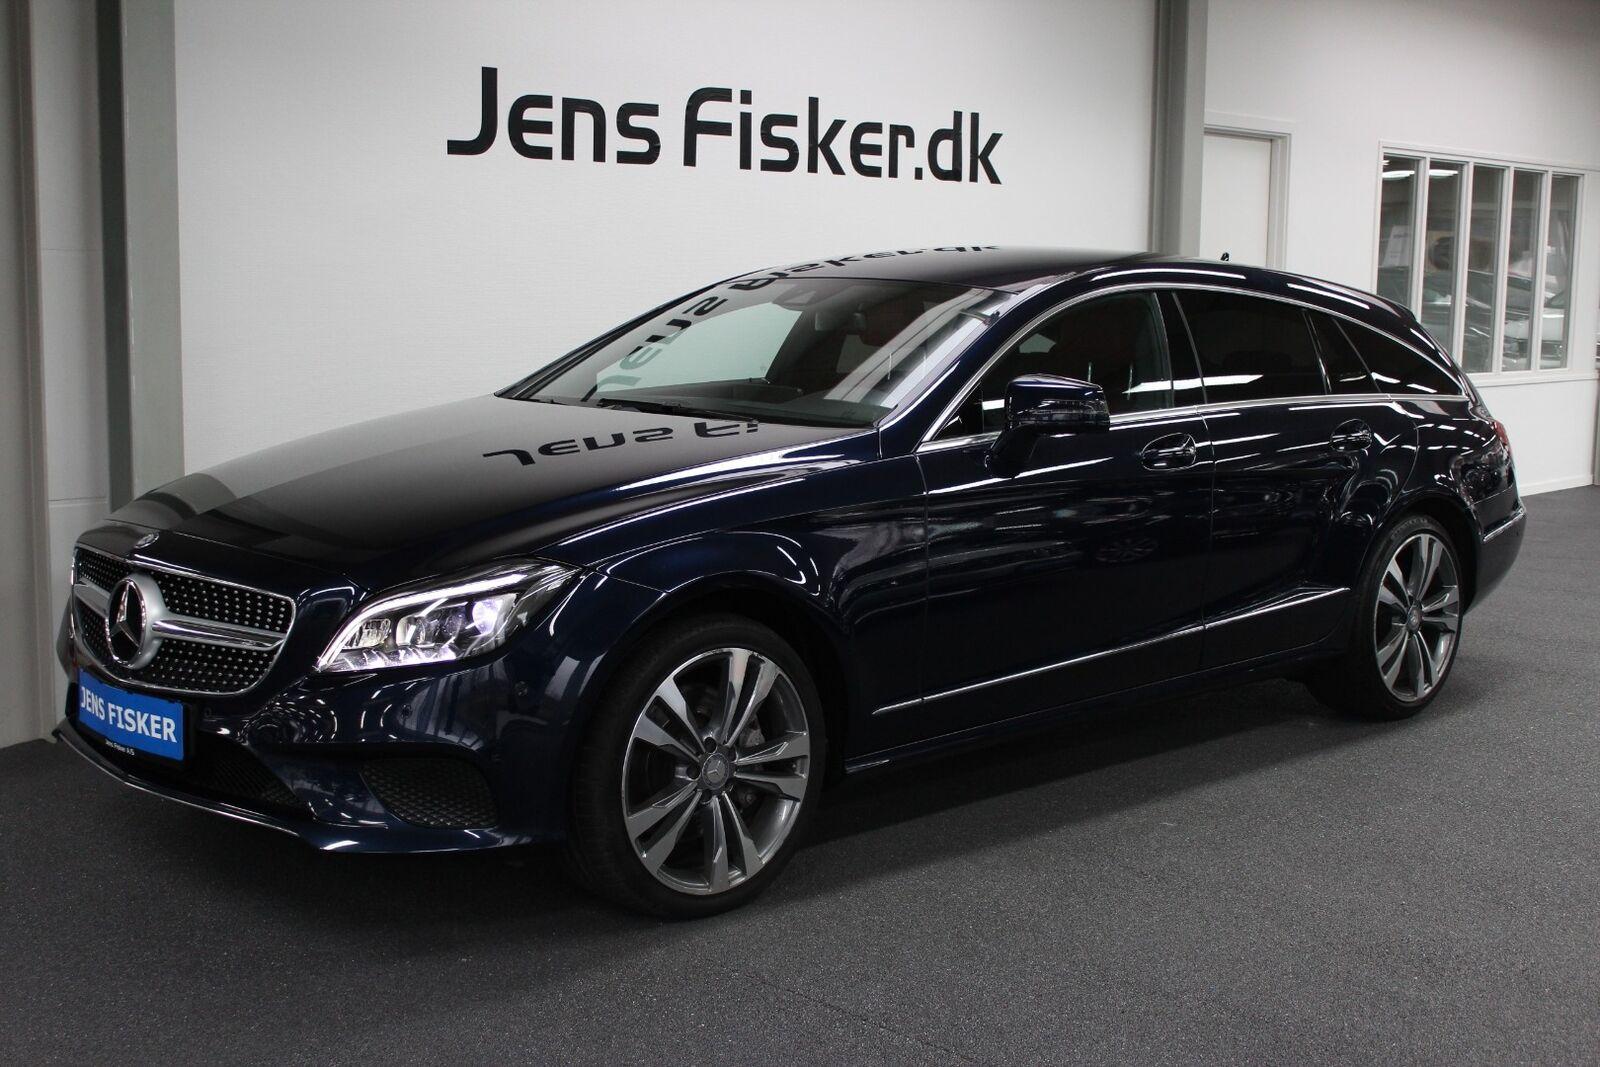 Mercedes CLS350 3,0 BlueTEC SB aut 4-M 5d - 479.990 kr.